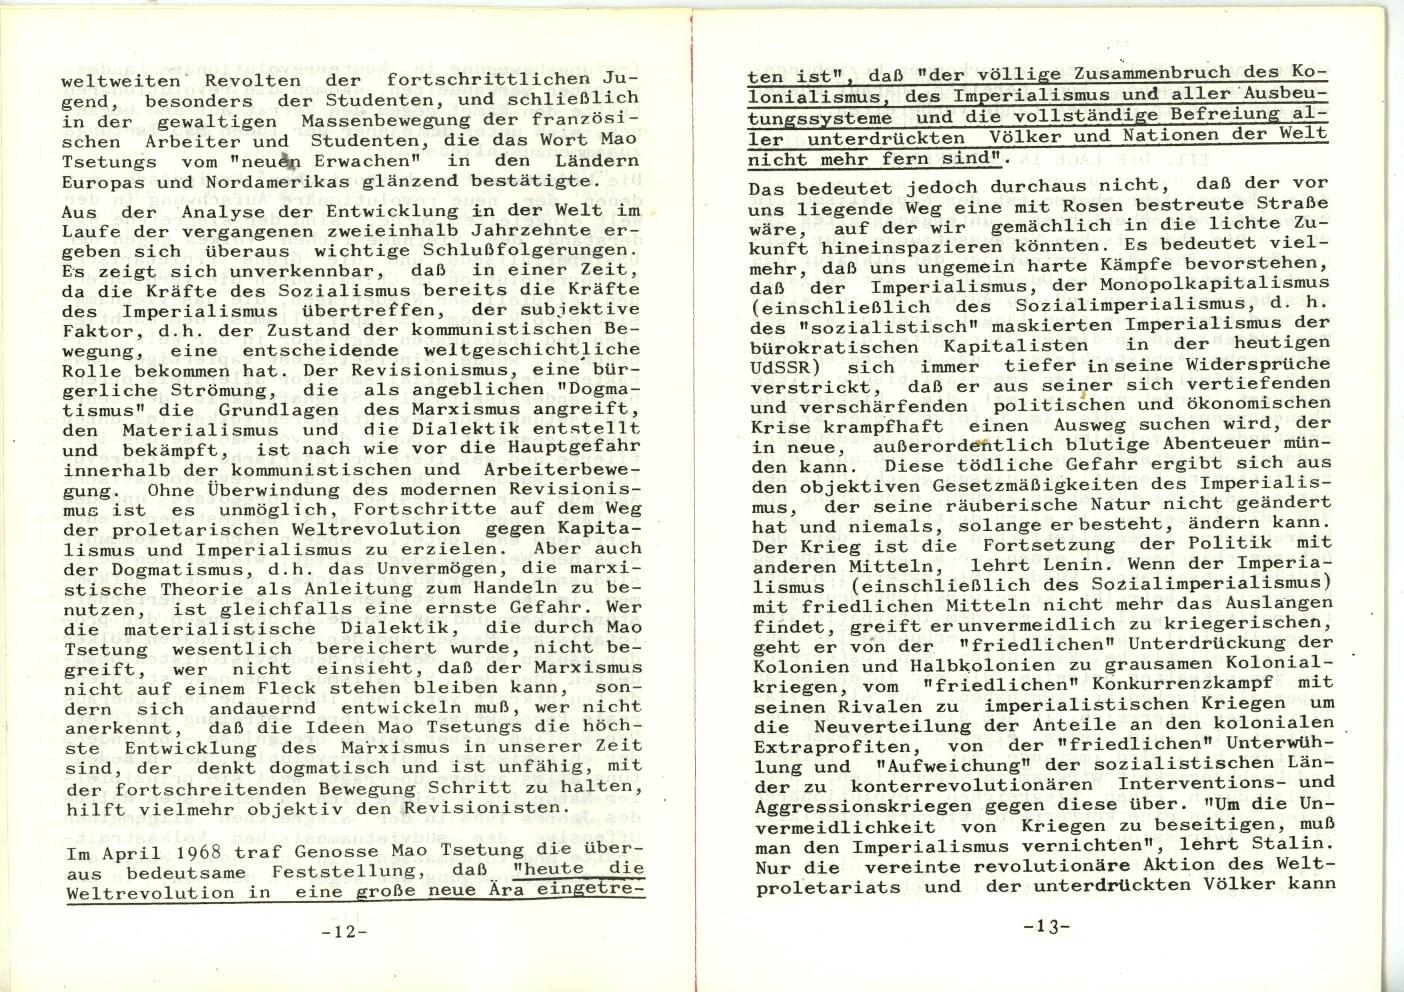 VRA_Grundsatzerklaerung_1971_08